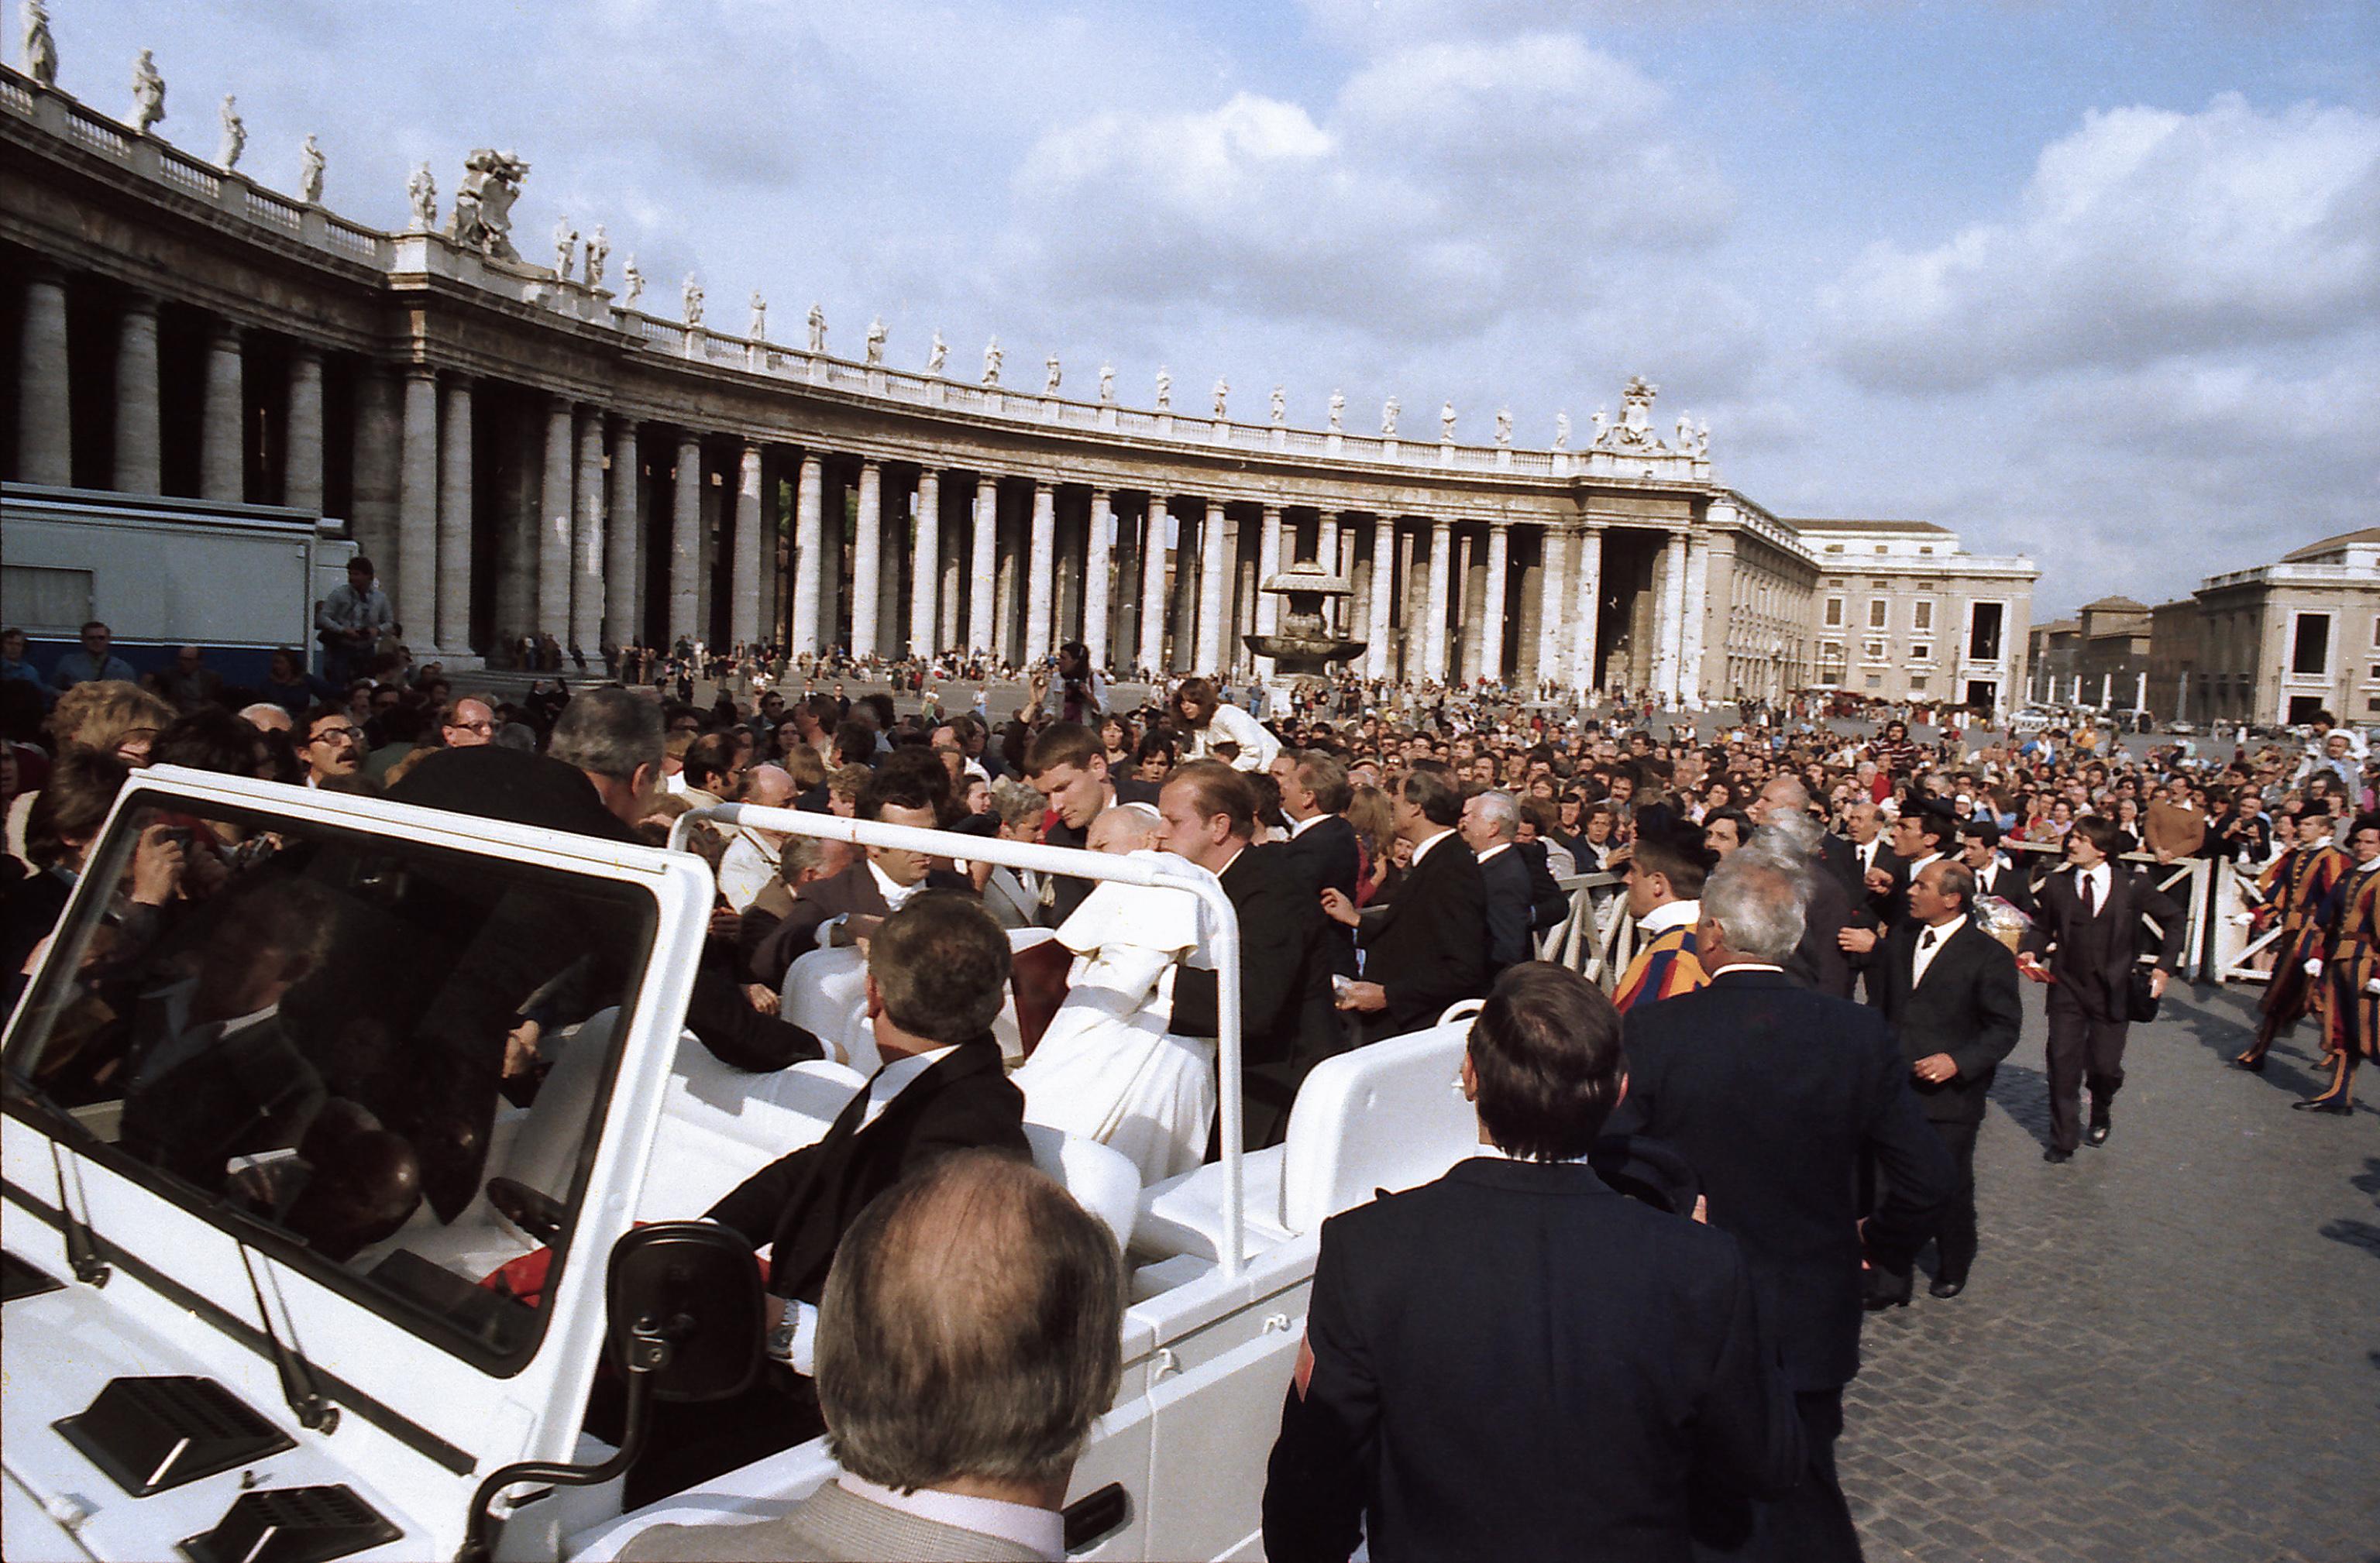 1981年5月13日,教宗若望保祿二世在聖彼得廣場(St Peter's Square)遭土耳其青年阿格卡(Mehmet Ali Agca)槍擊受傷。(Getty Images)